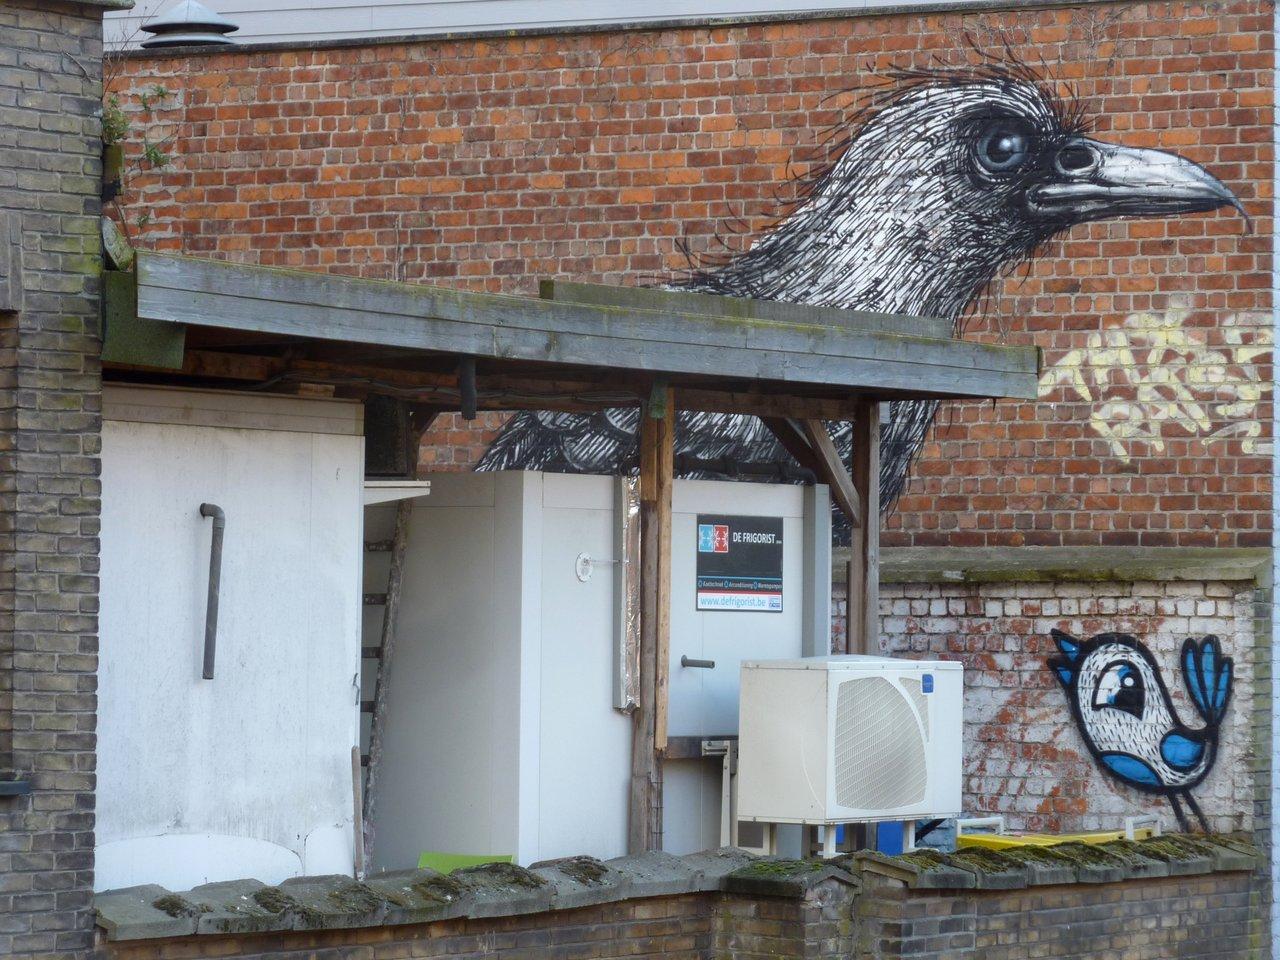 Street art e Graffiti di Gent: il corvo di ROA